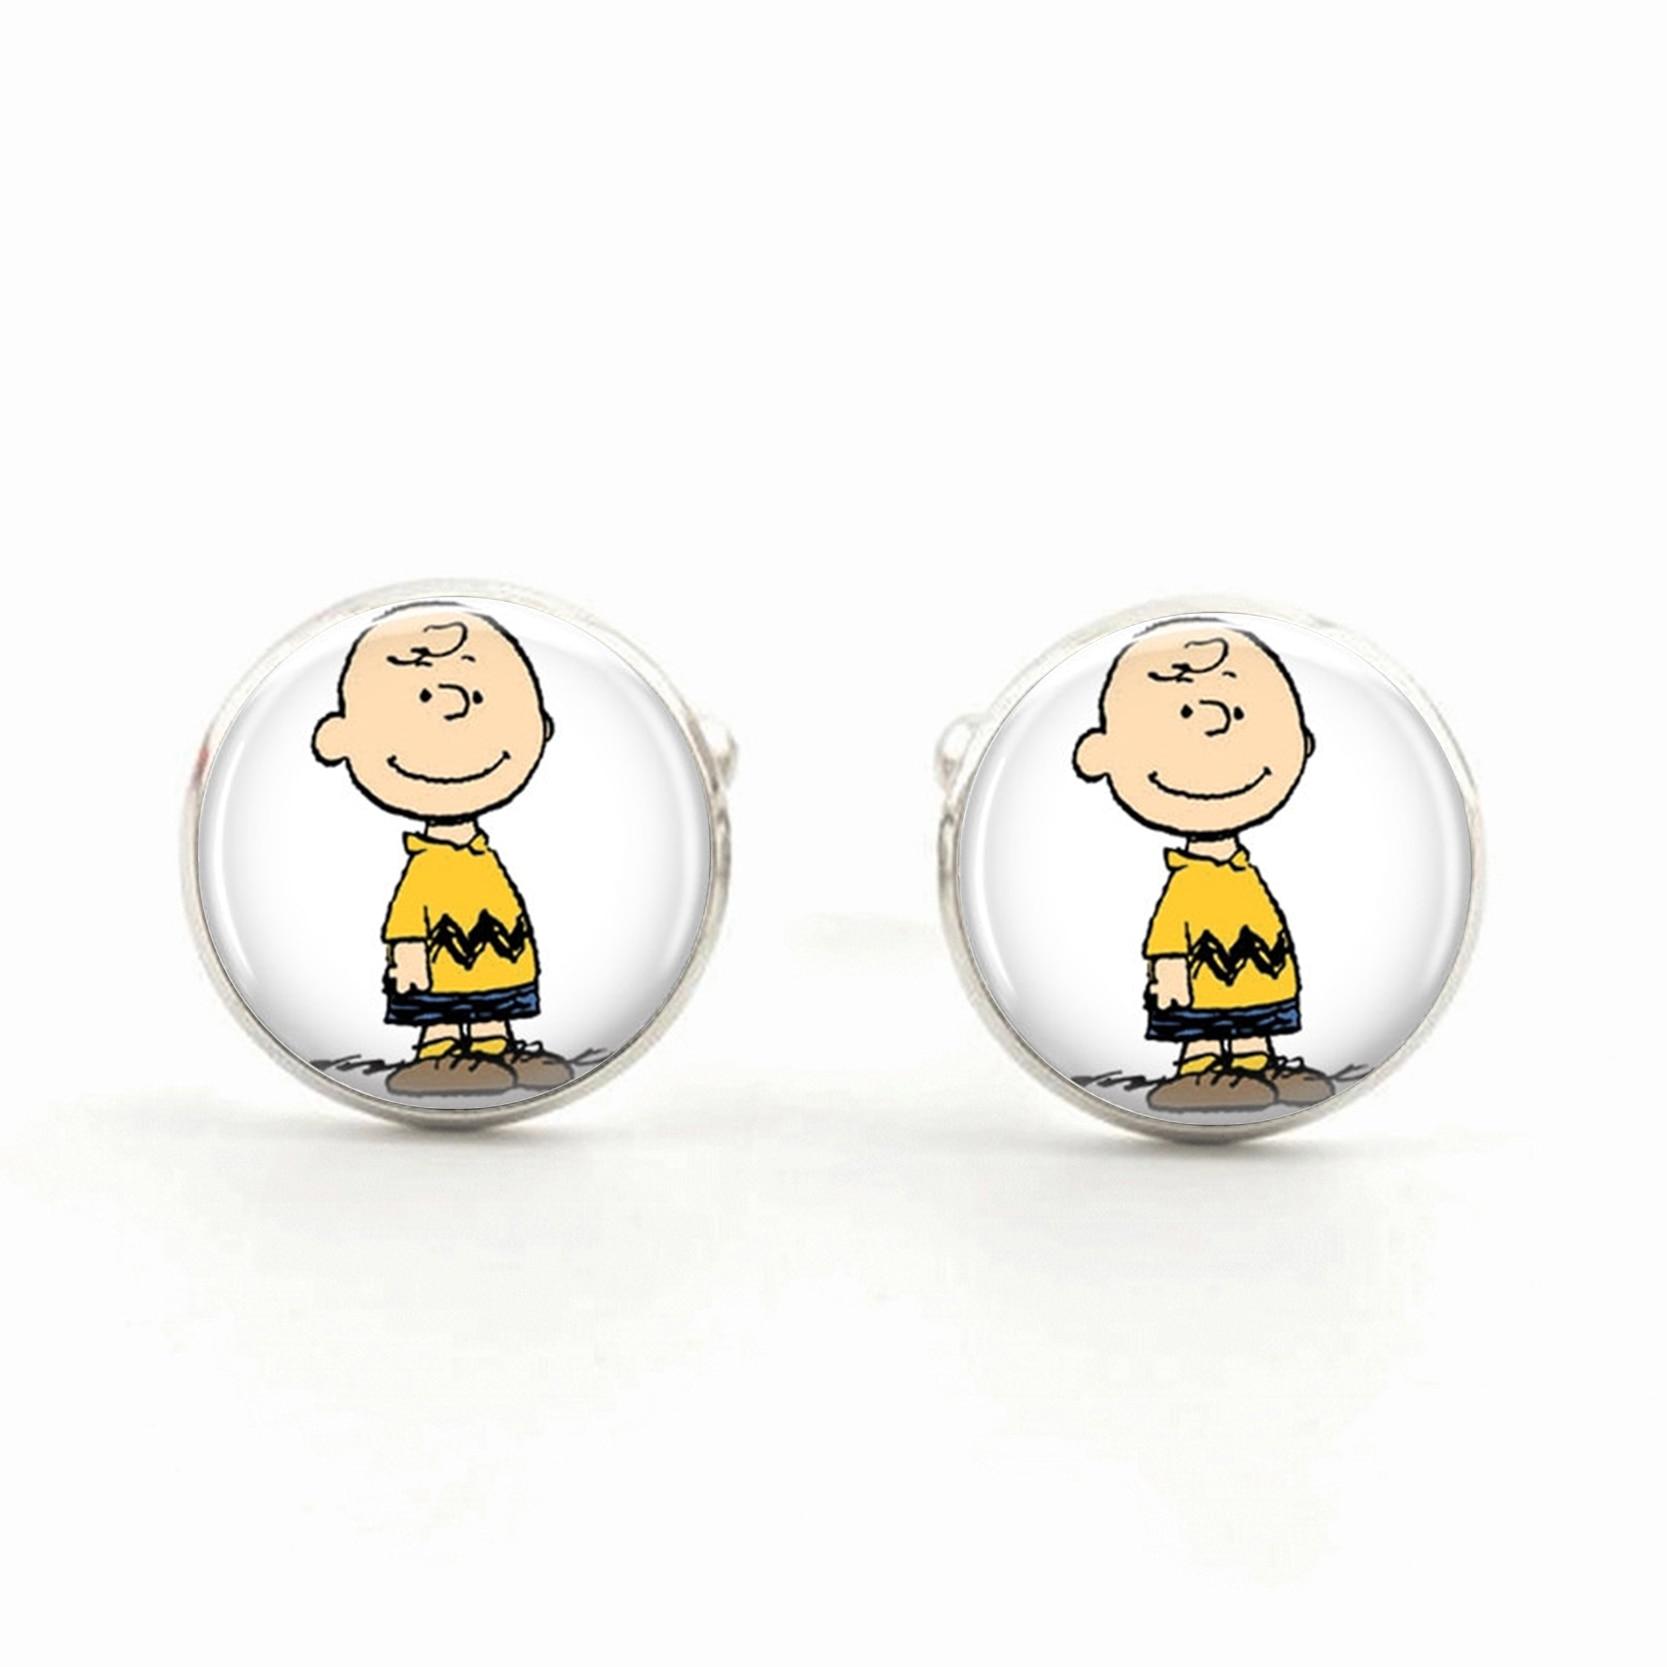 Charlie Brown gemelos los cacahuetes joyería dibujos animados ...